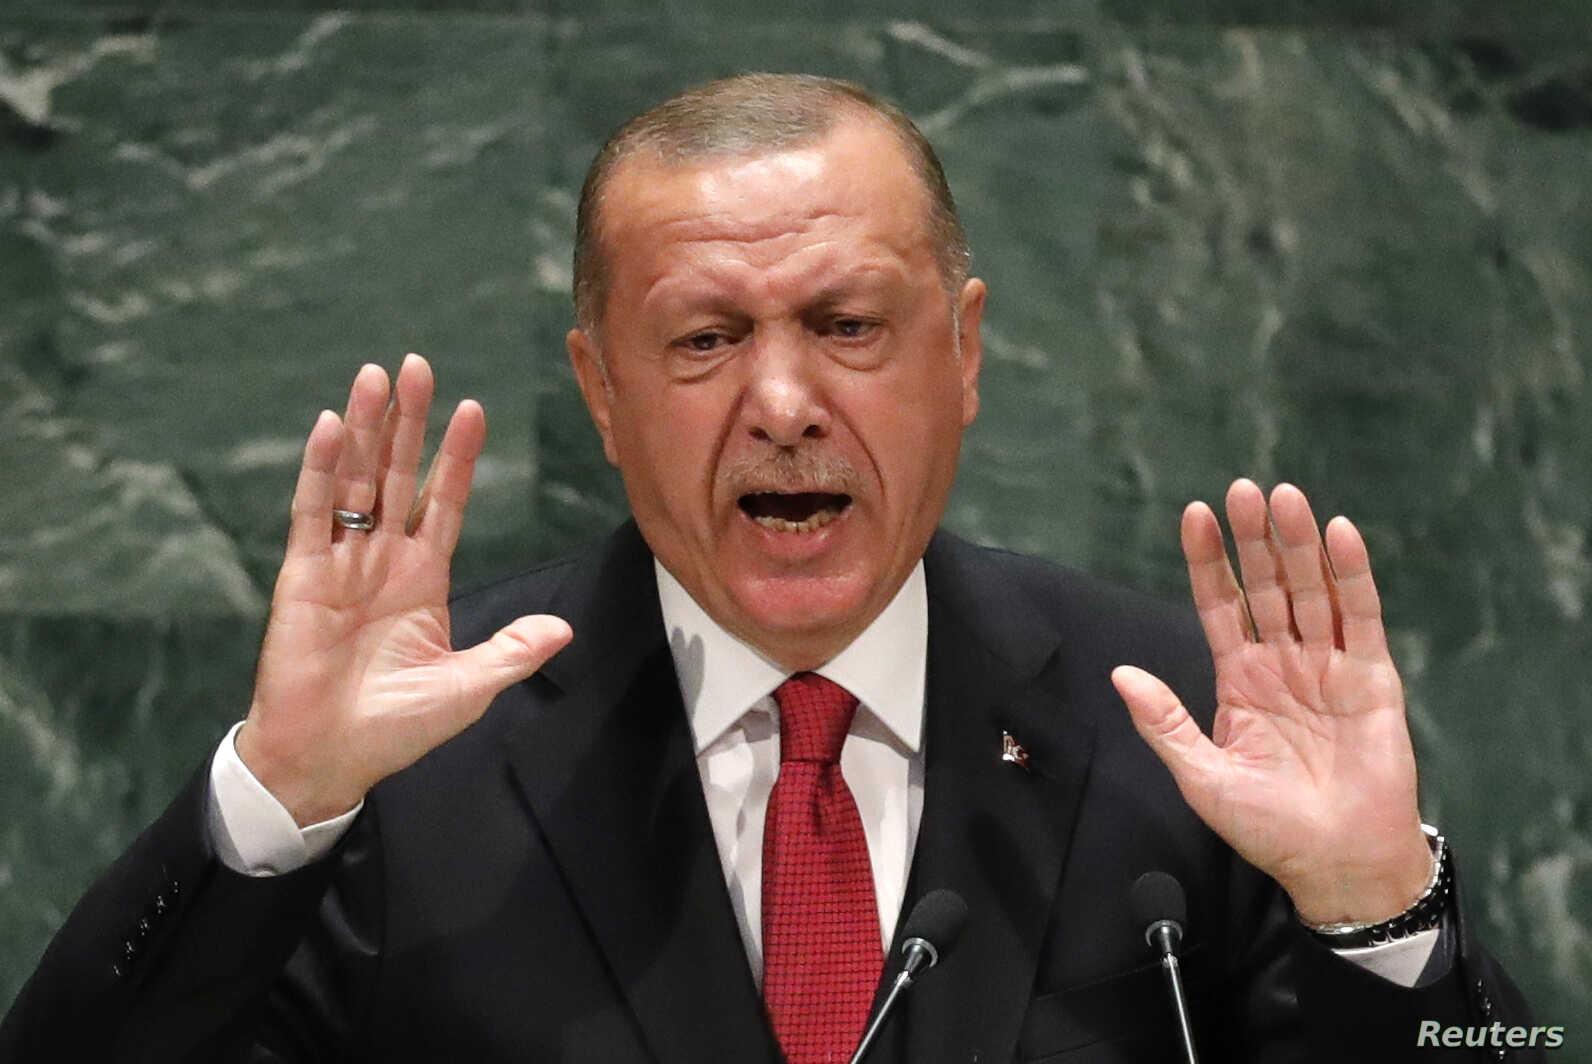 Συλλήψεις Τούρκων απόστρατων λόγω αντιρρήσεων με το κόμμα ΑΚΡ